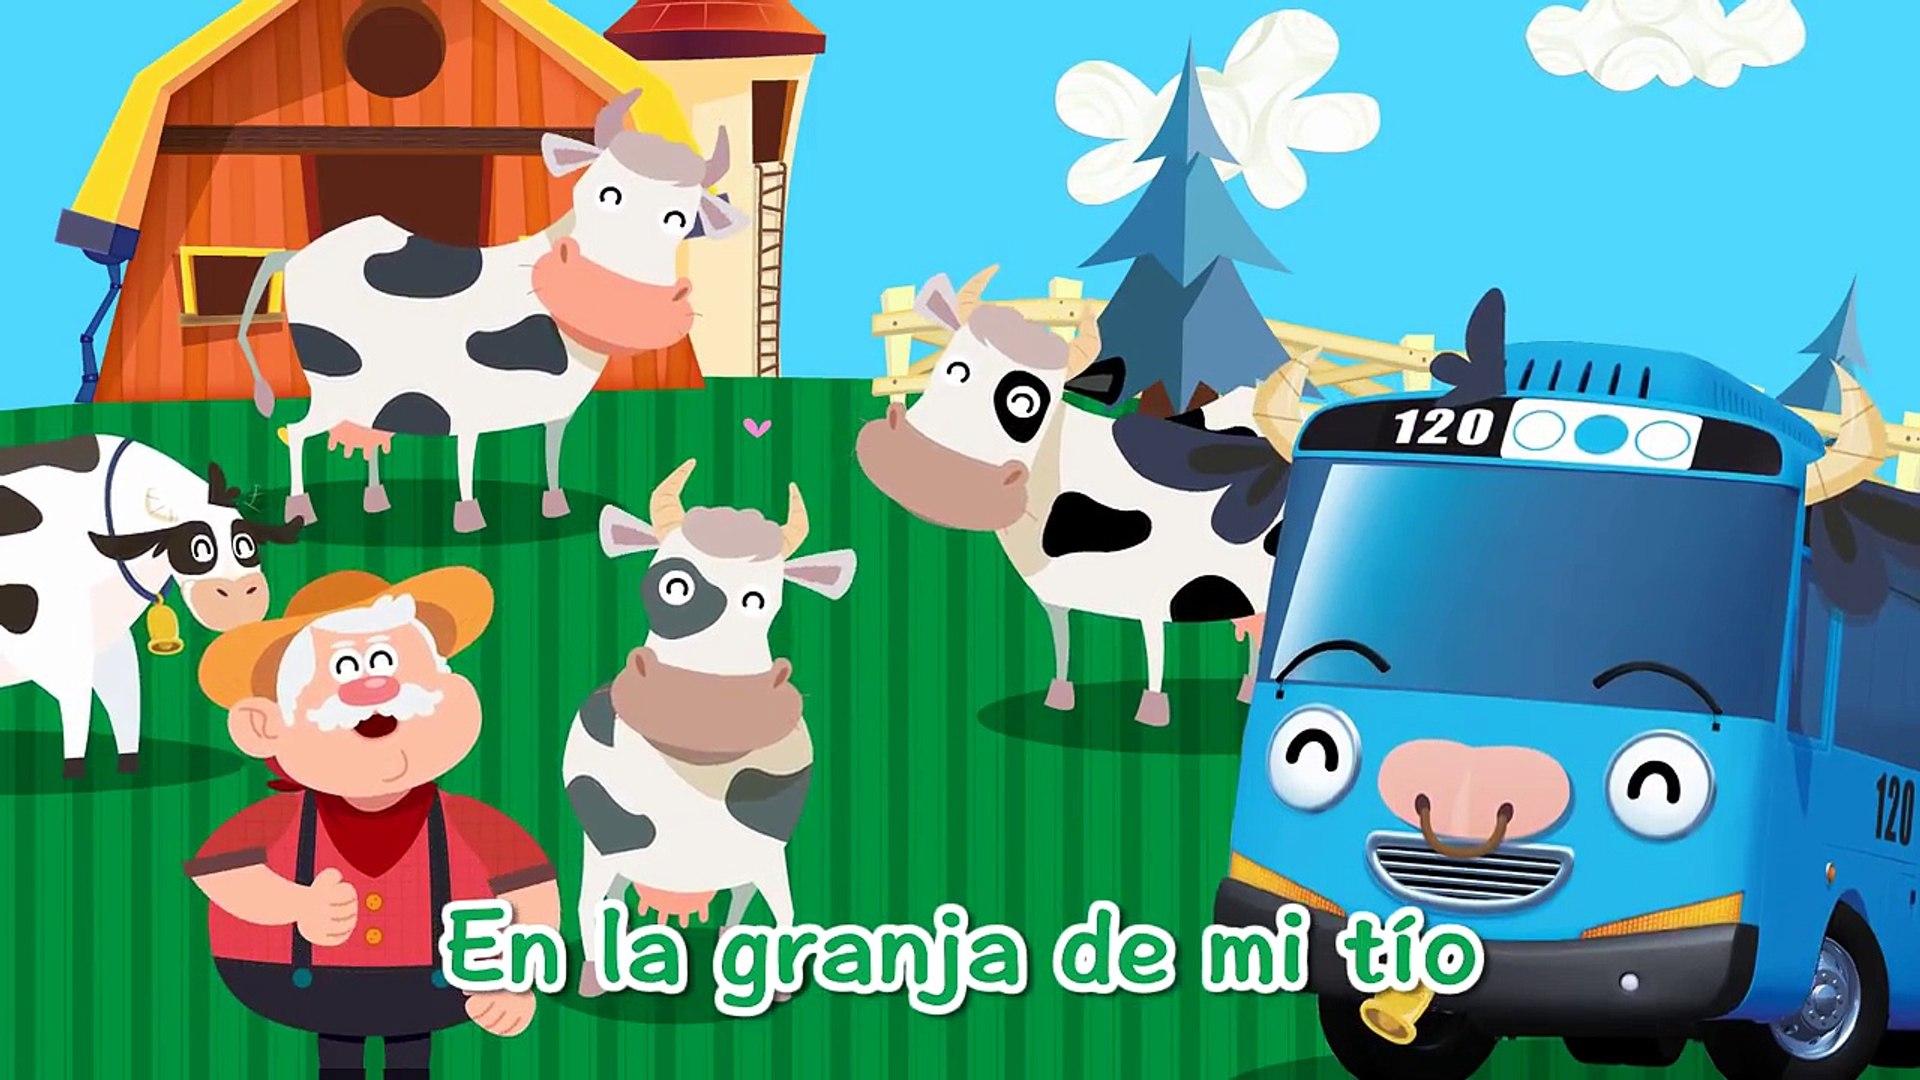 Tayo Canciones Infantiles] #13 En la granja de mi tío - Dailymotion Video